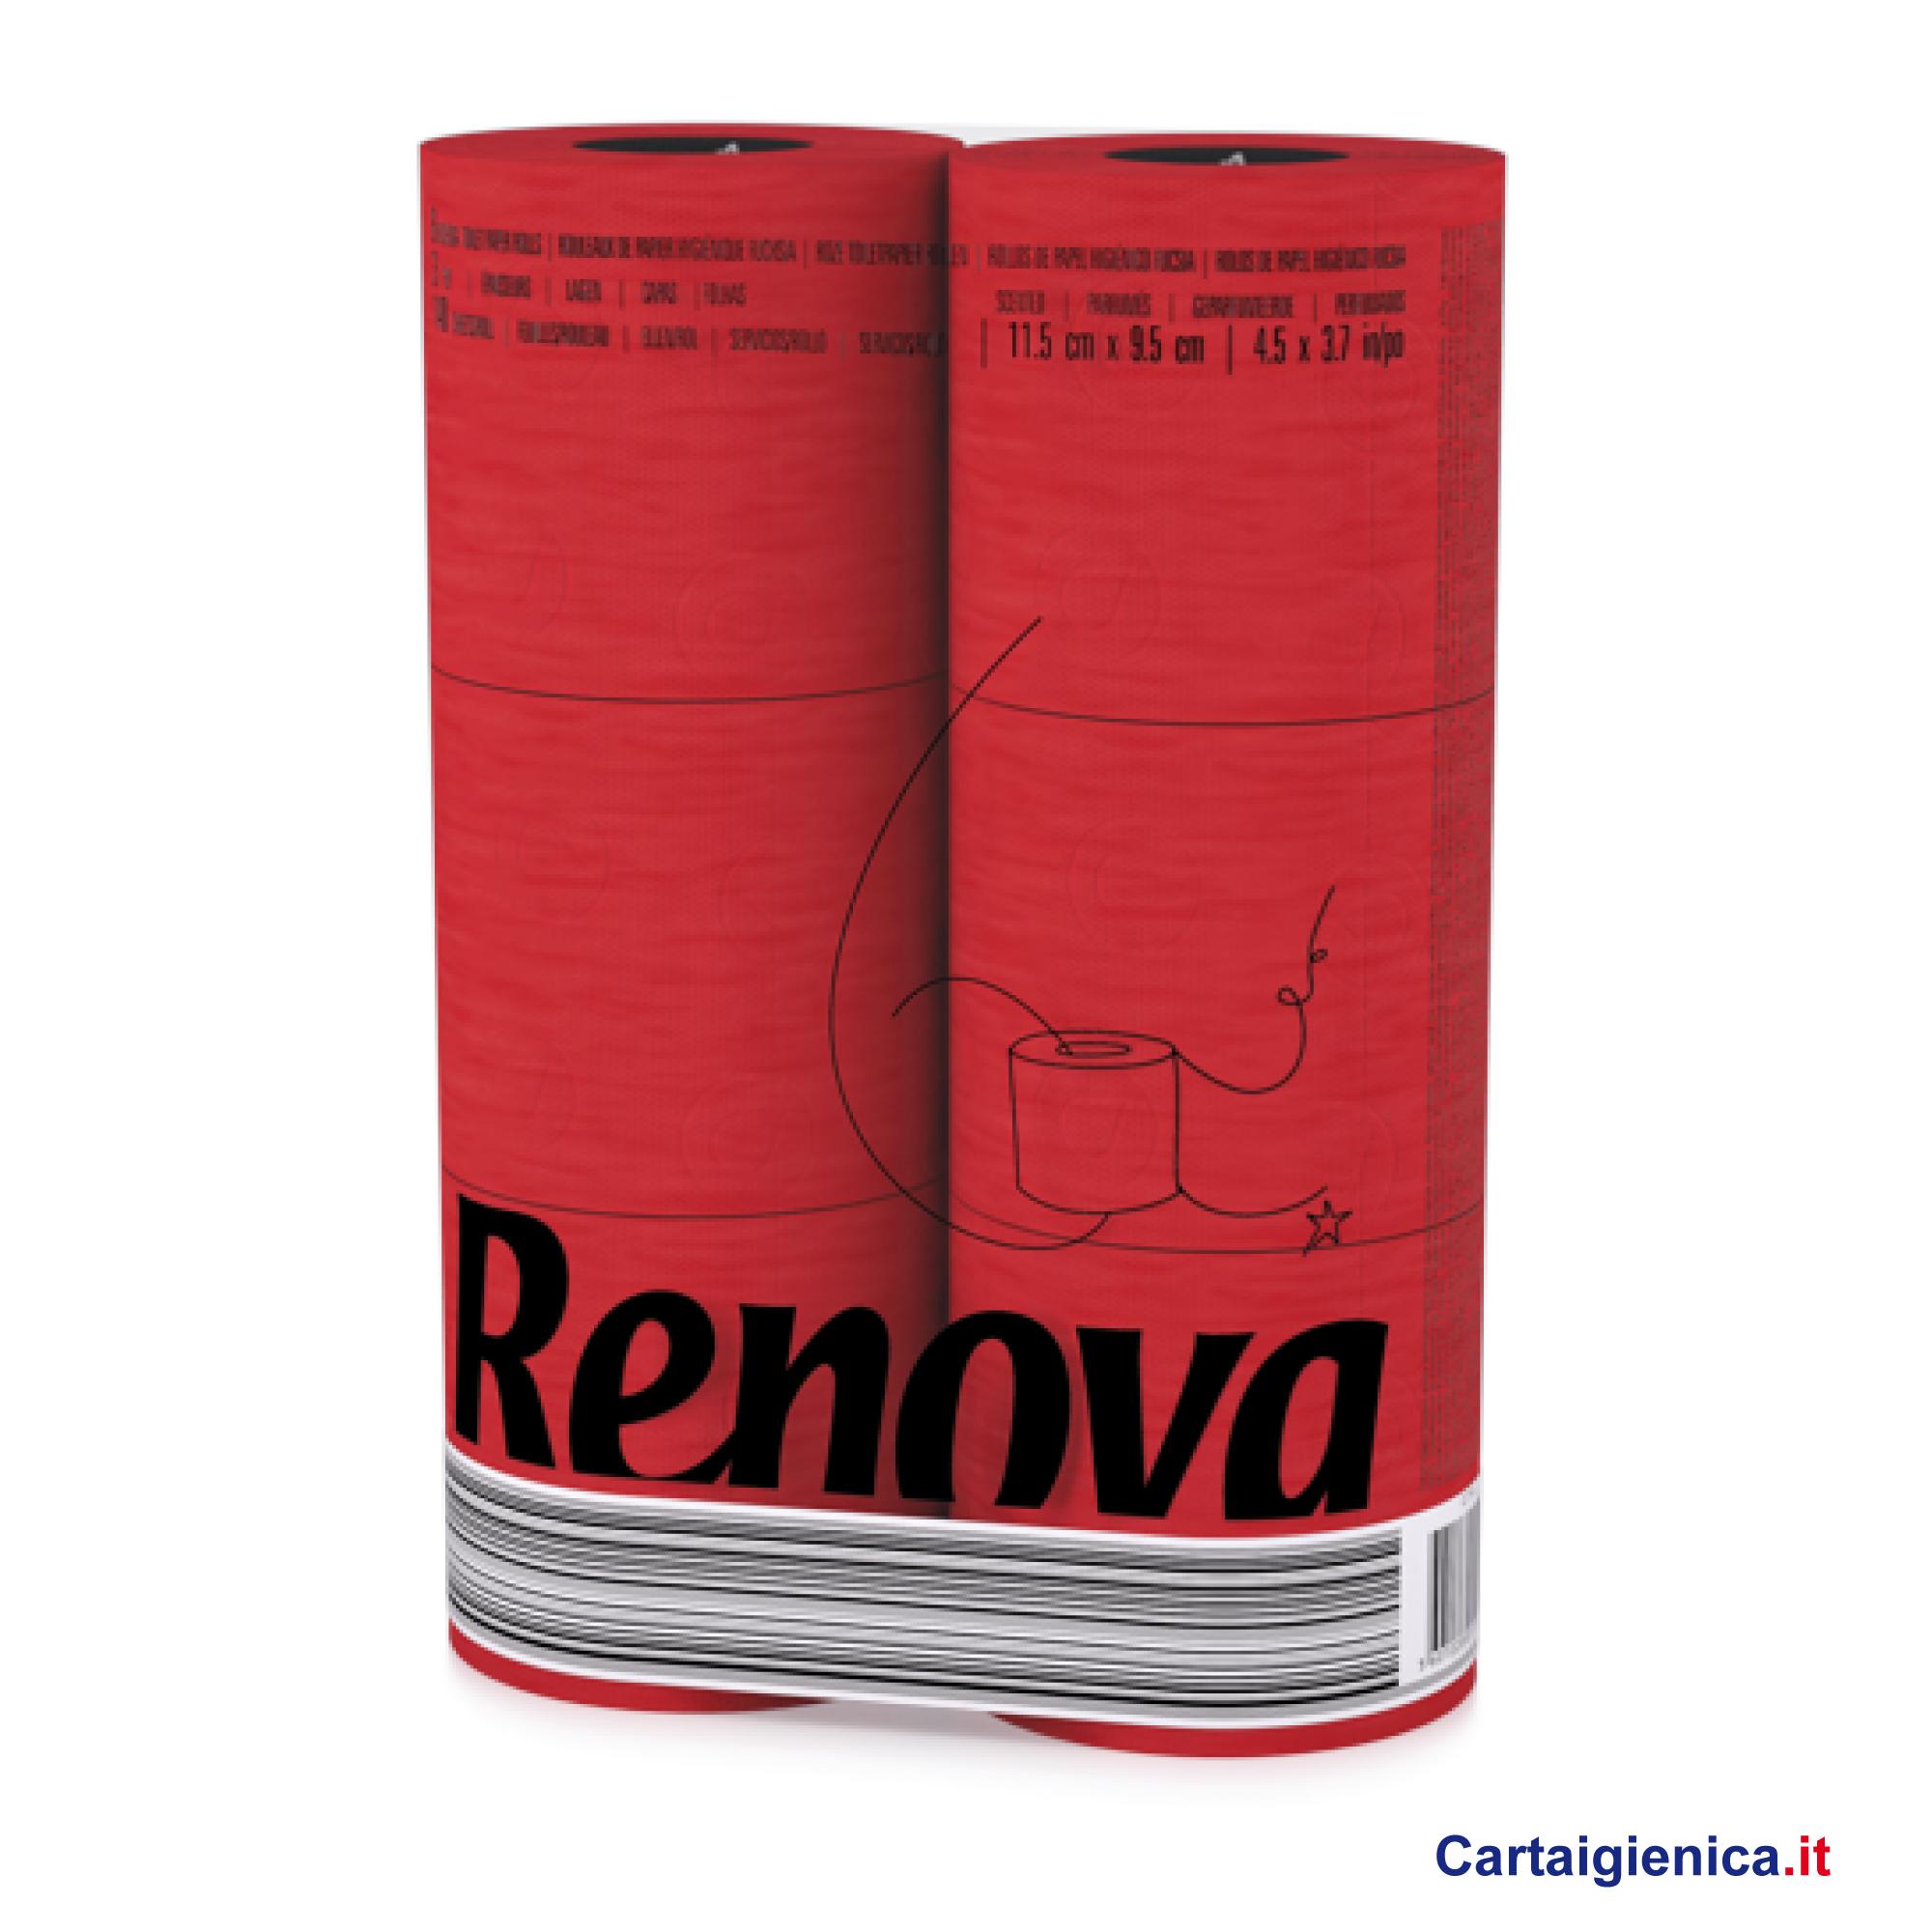 renova carta igienica colorata rosso 6 rotoli cartaigienica.it